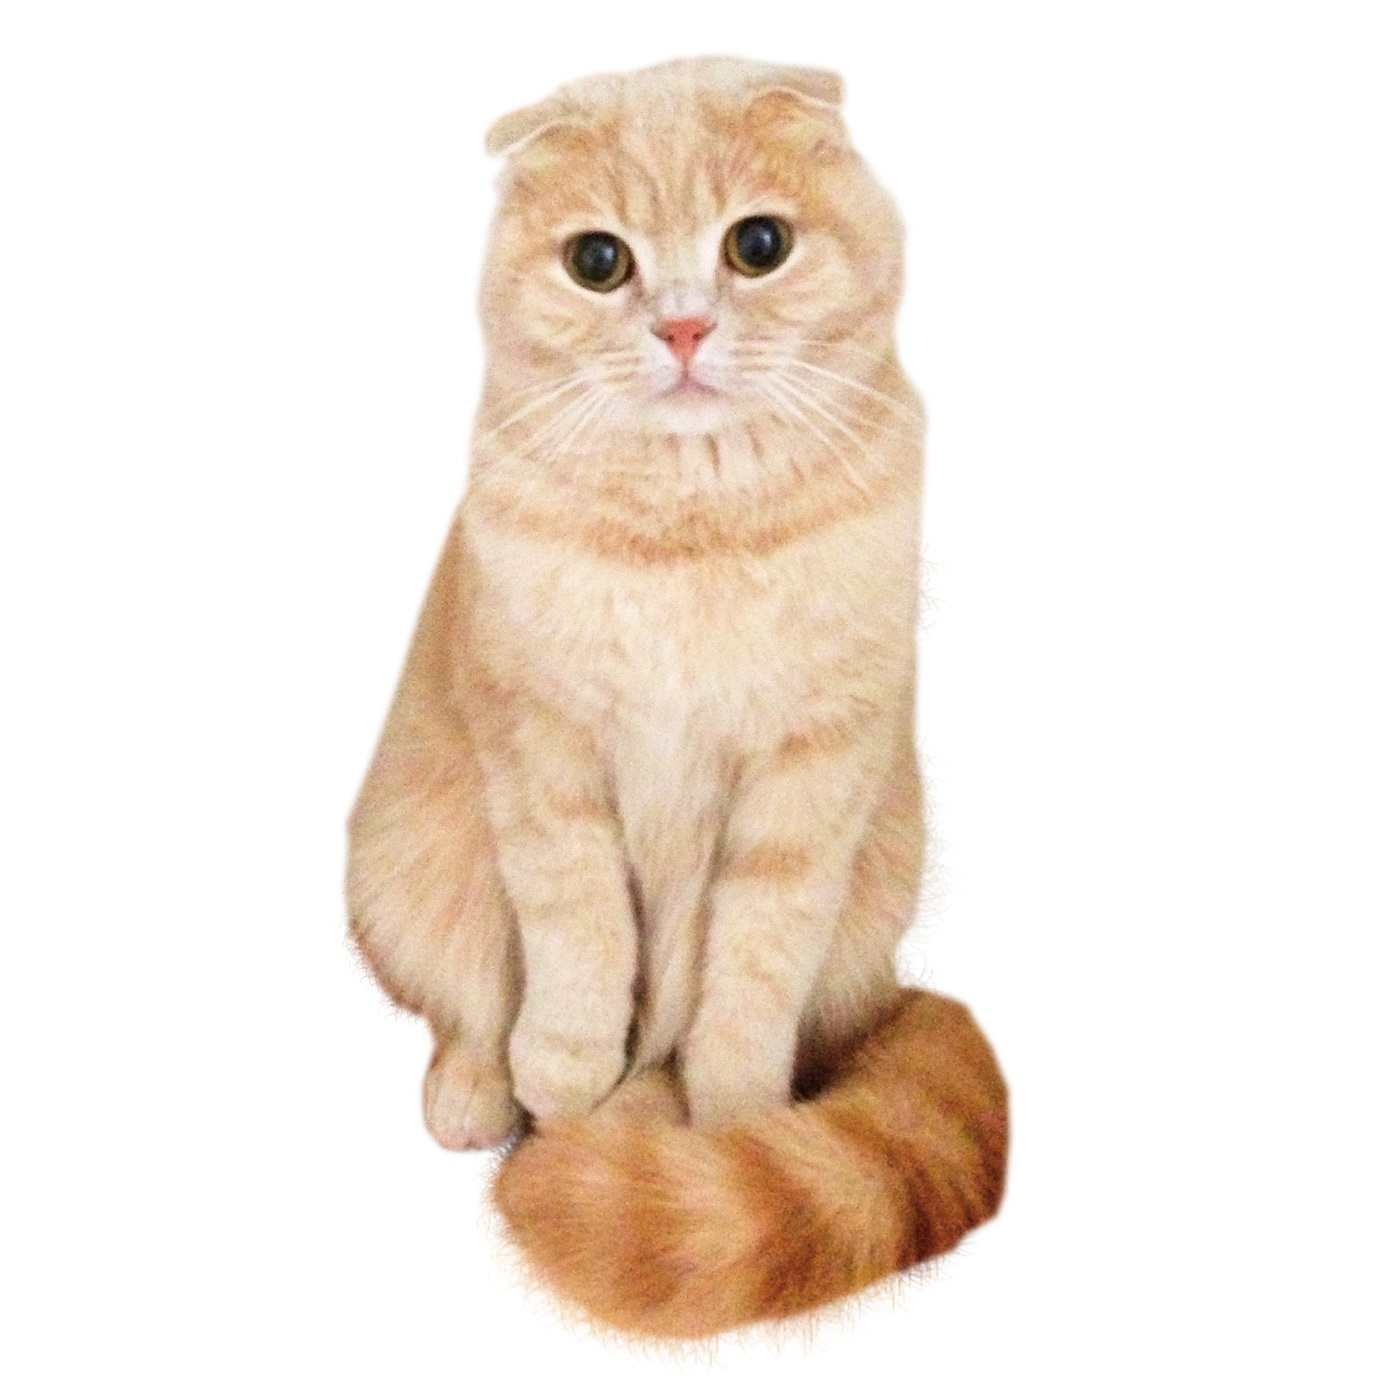 寒がり猫のしぐさ「しっぽマフラー」をイメージ。